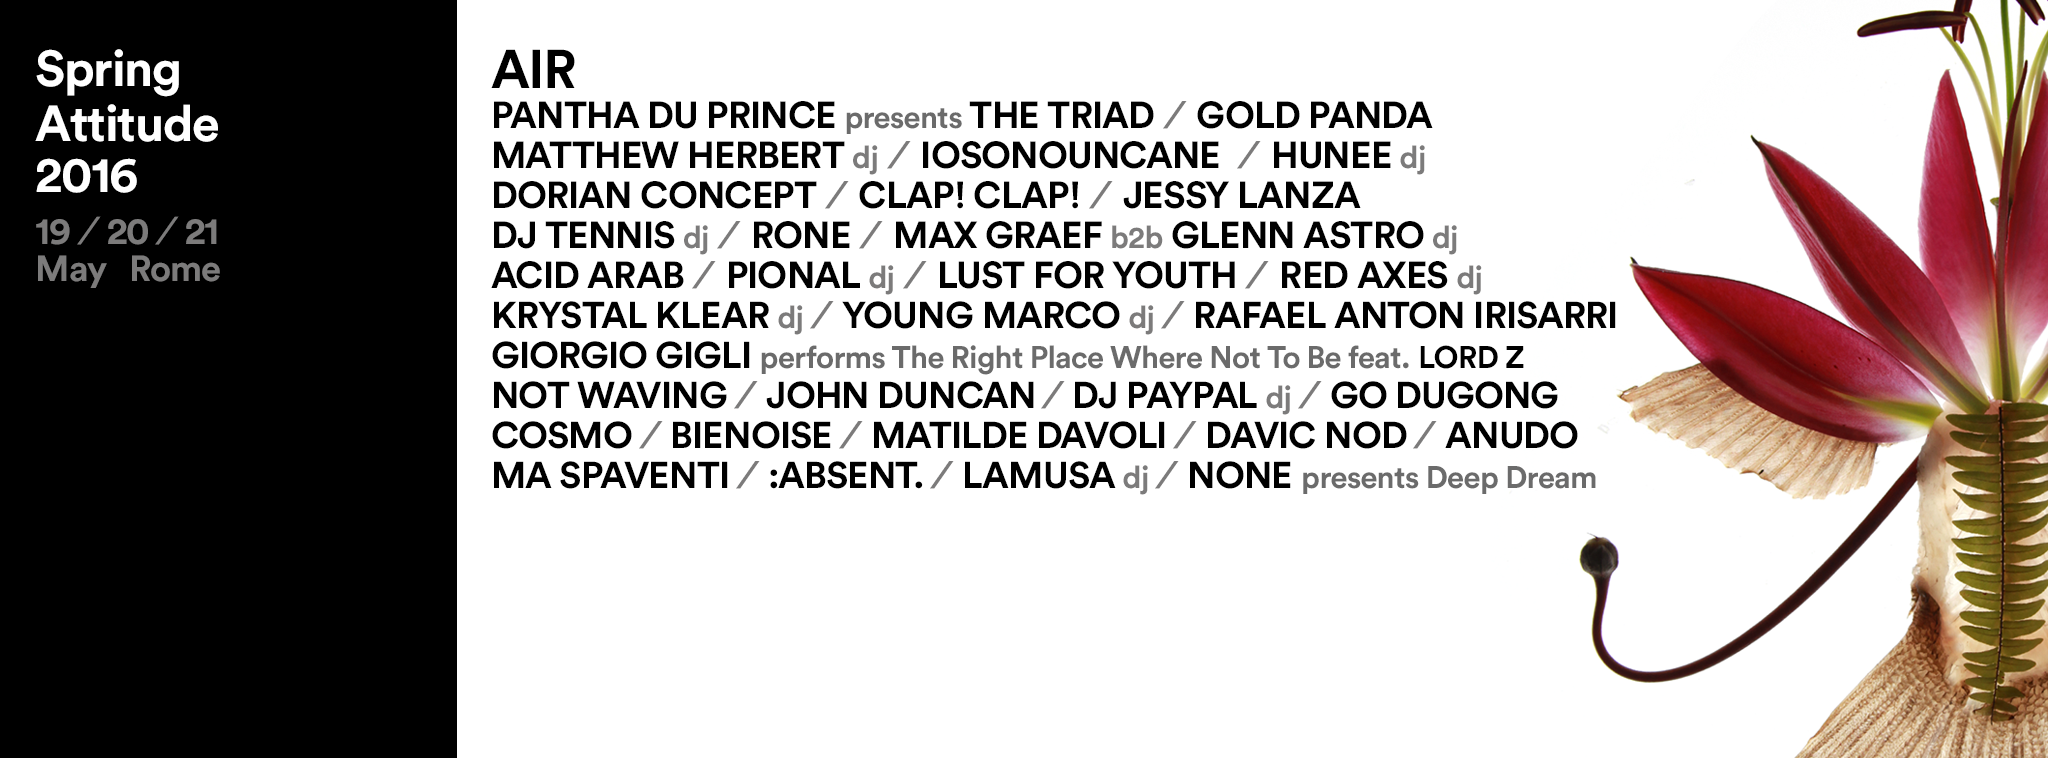 spring-attitude-festival-2016-programma-concerti